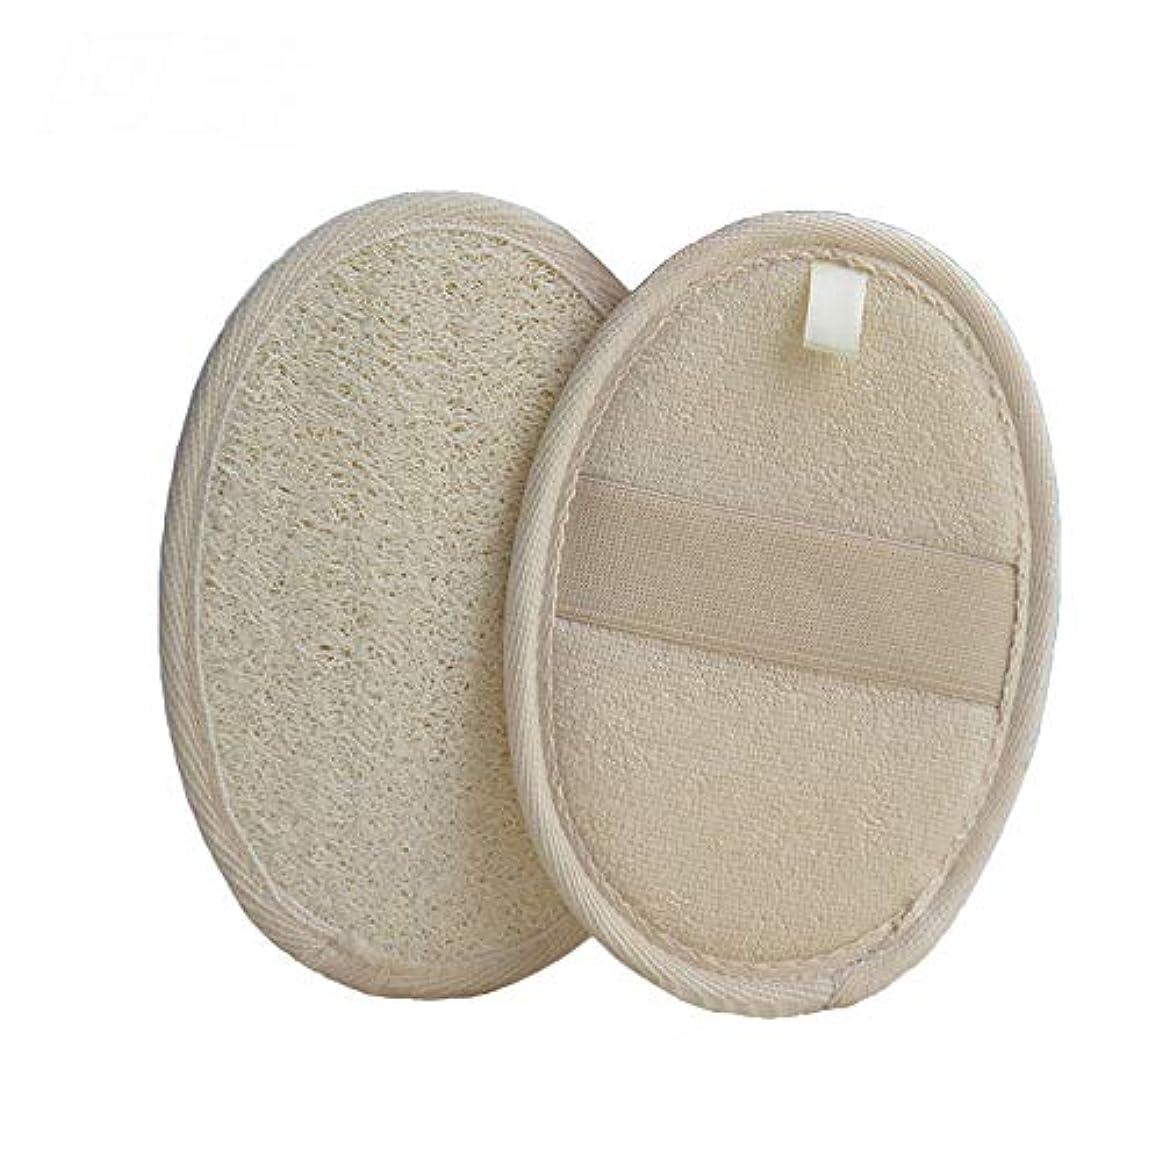 通常蒸発スキームButokal 背中洗い あかすり 垢すりタオル2本/セット ボディタオル ボディケア 風呂 血行促進 お風呂グッズマッサージブラシ 角質除去 男女兼用